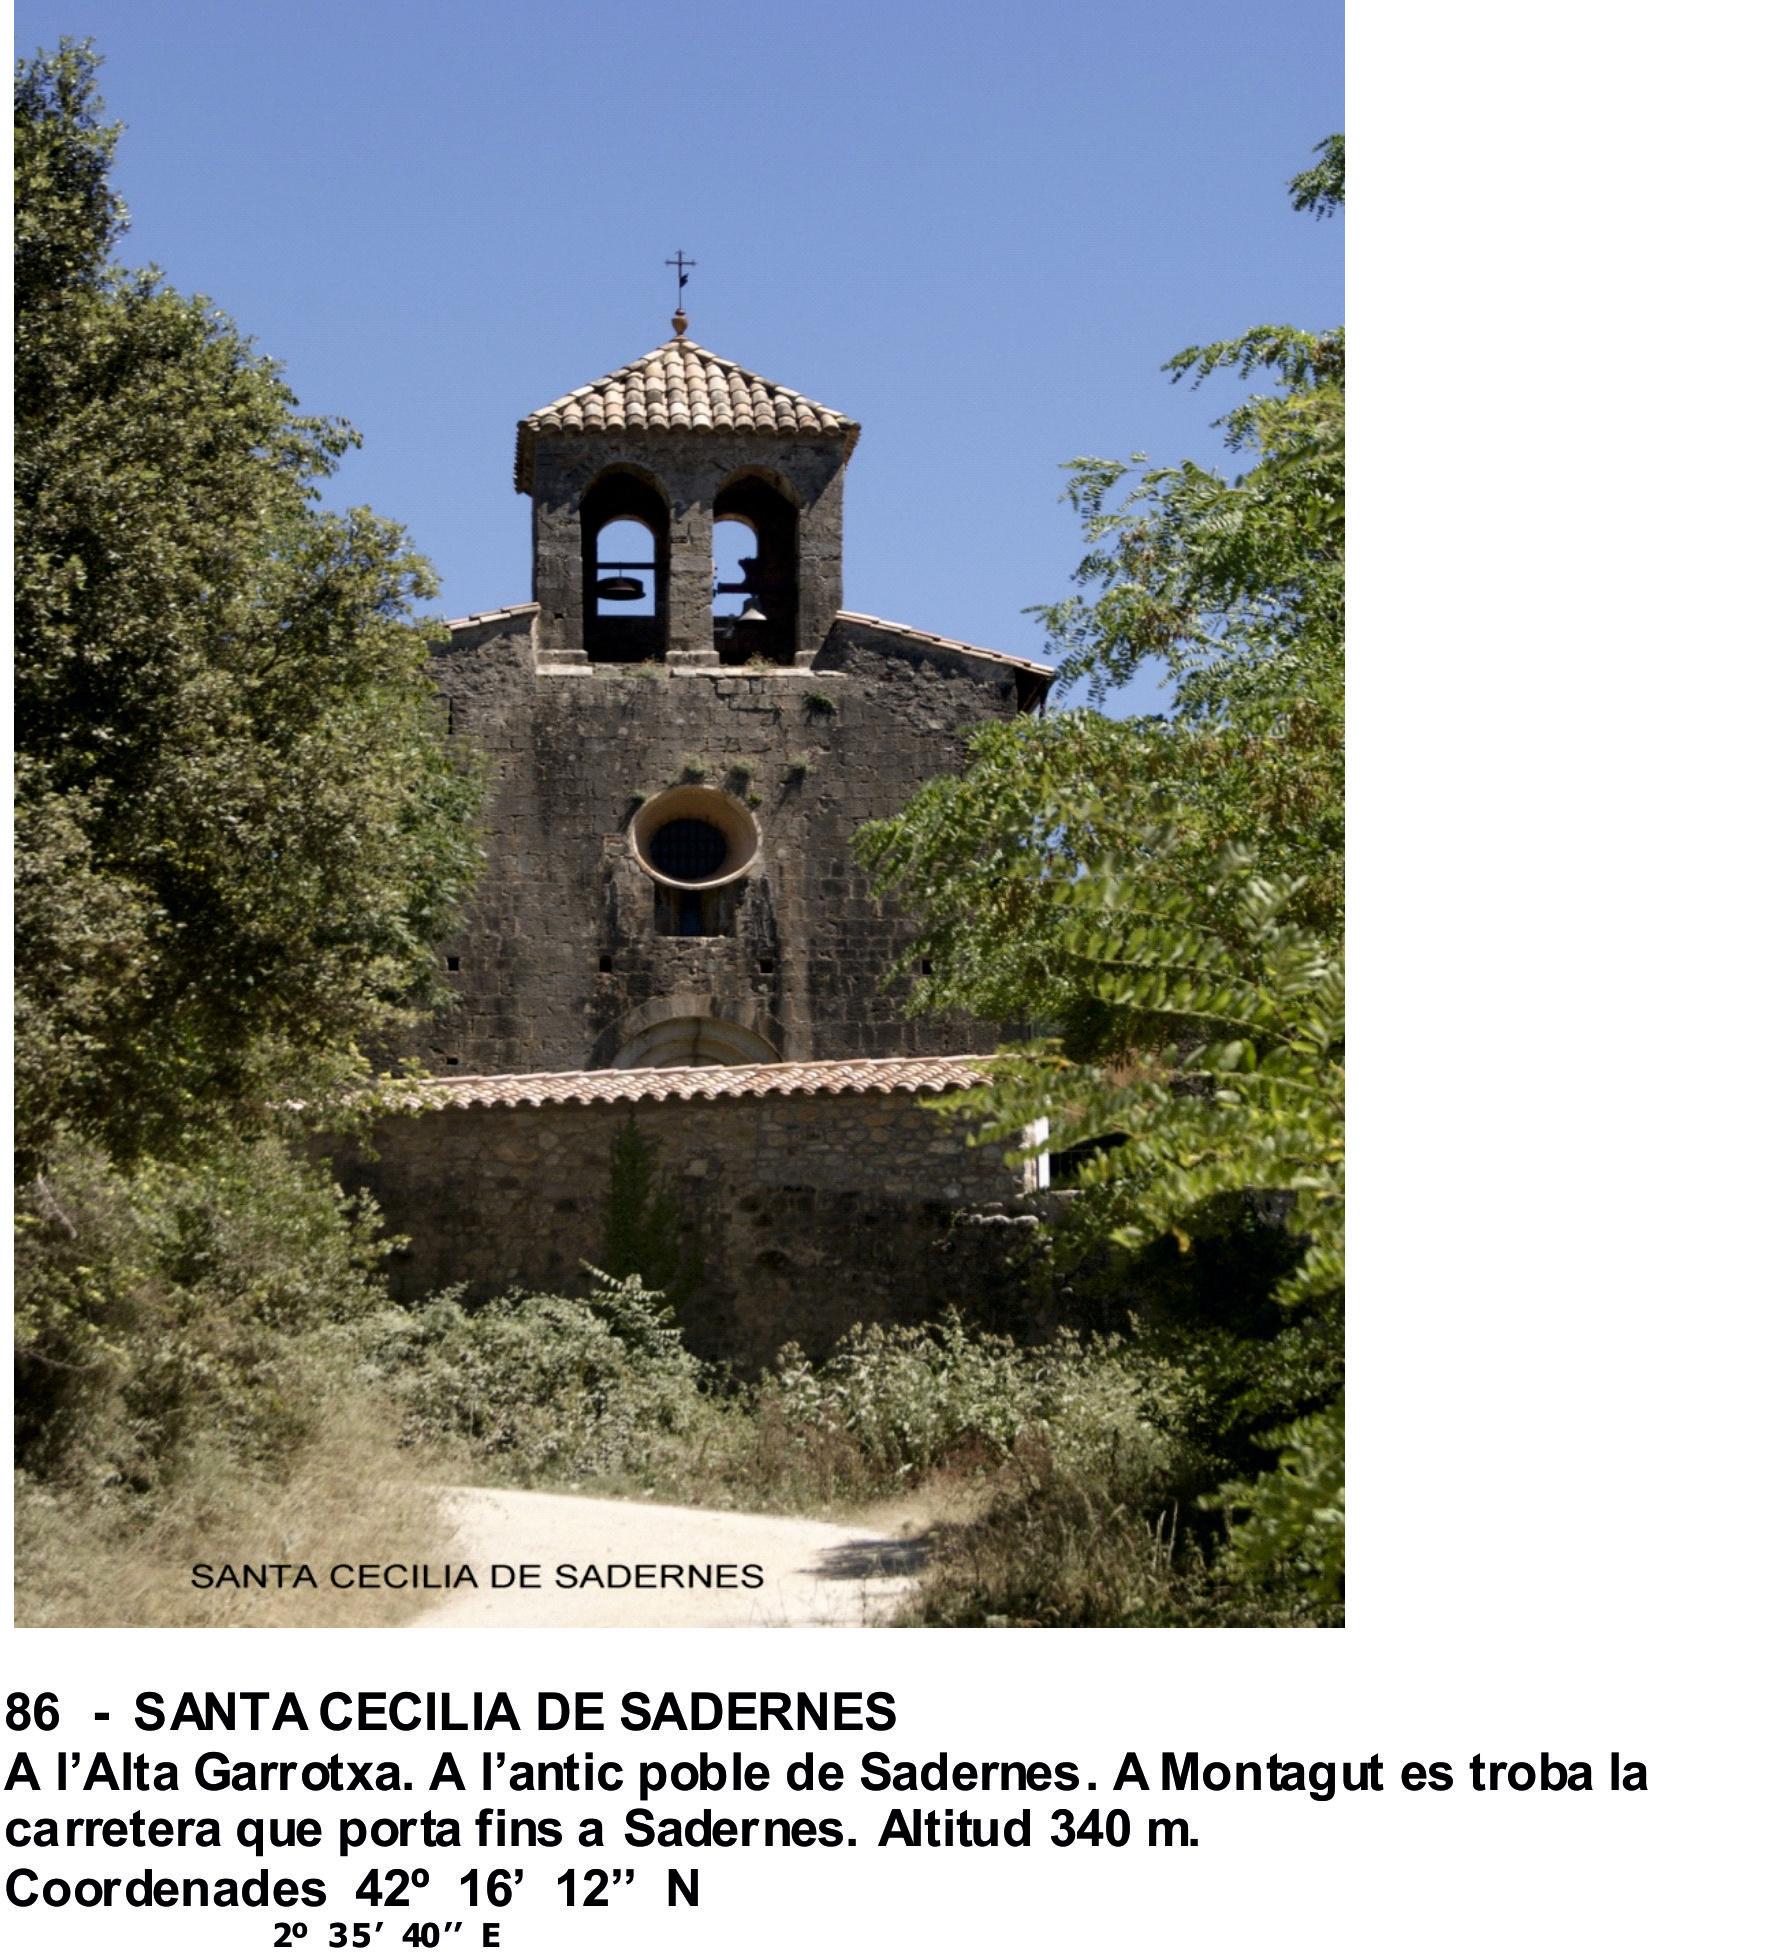 86  -  SANTA CECILIA DE SADERNES